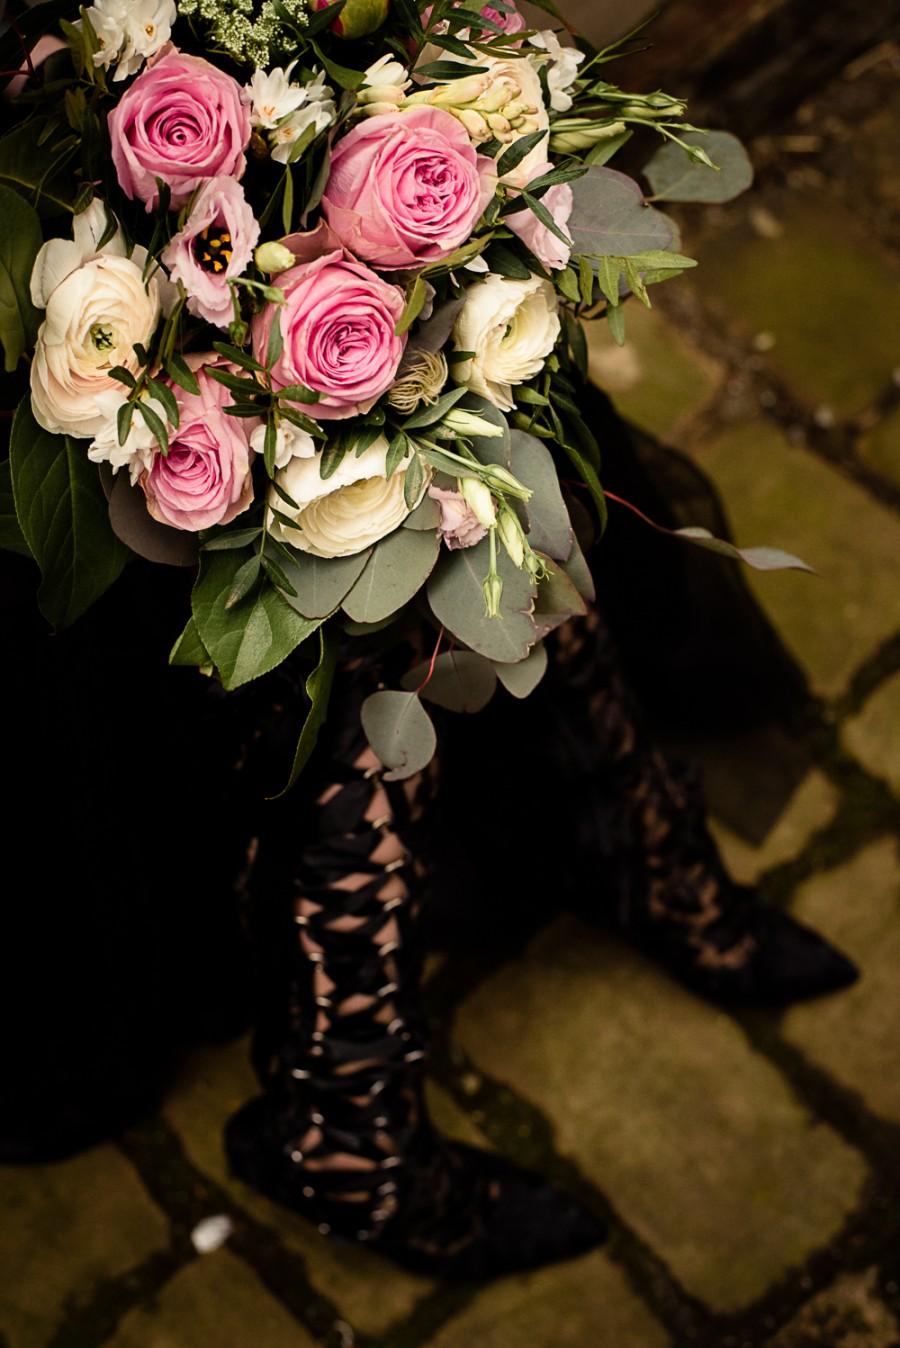 gothic city wedding - pink wedding bouquet - alternative wedding - unconventional wedding